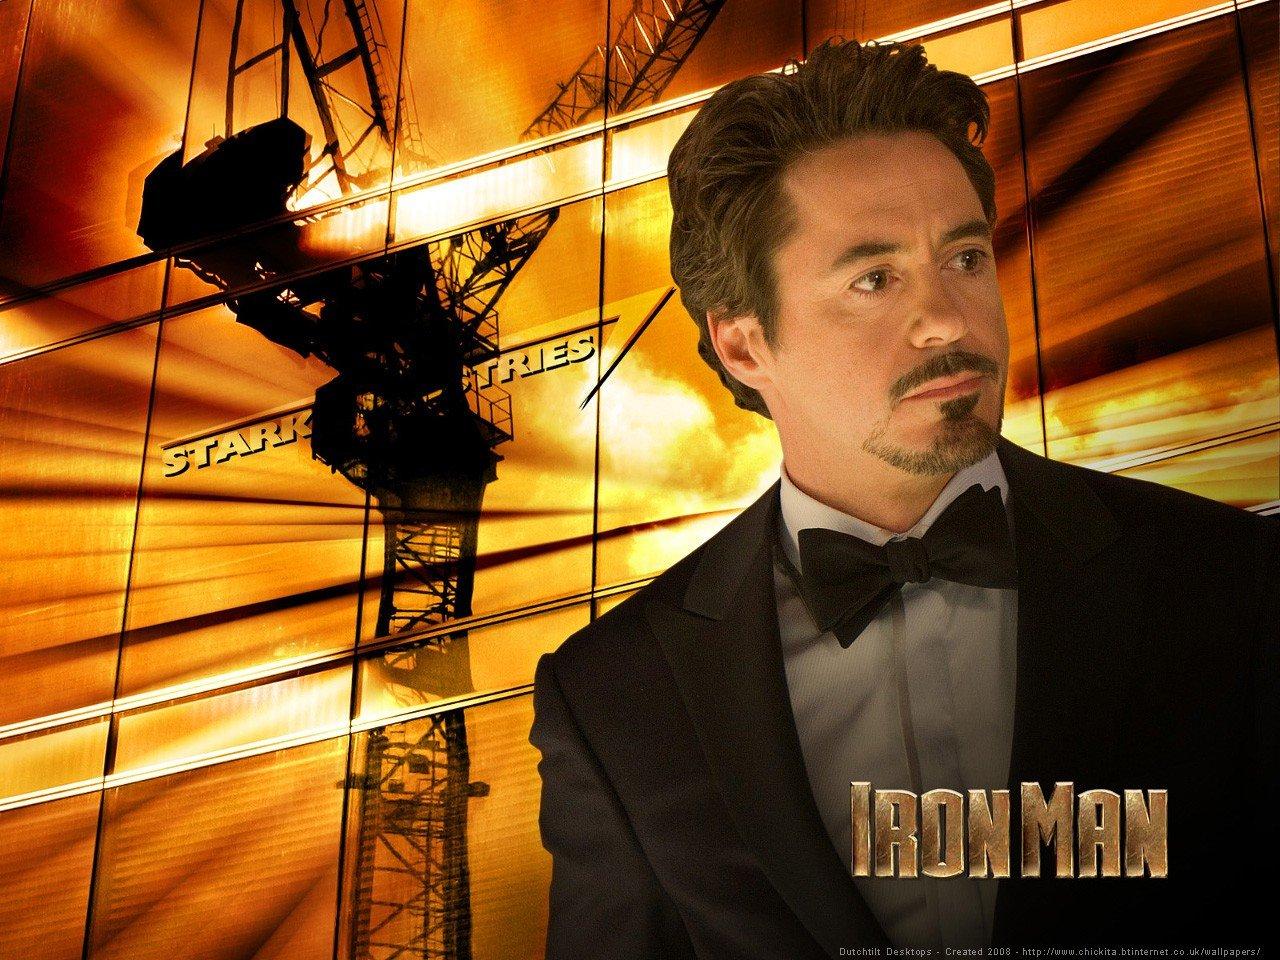 http://4.bp.blogspot.com/-fDL6NmUETQs/UBG3DvtwsLI/AAAAAAAAICg/MMKgaU-aoZA/s1600/Robert+Downey-Wallpaper-1.jpg